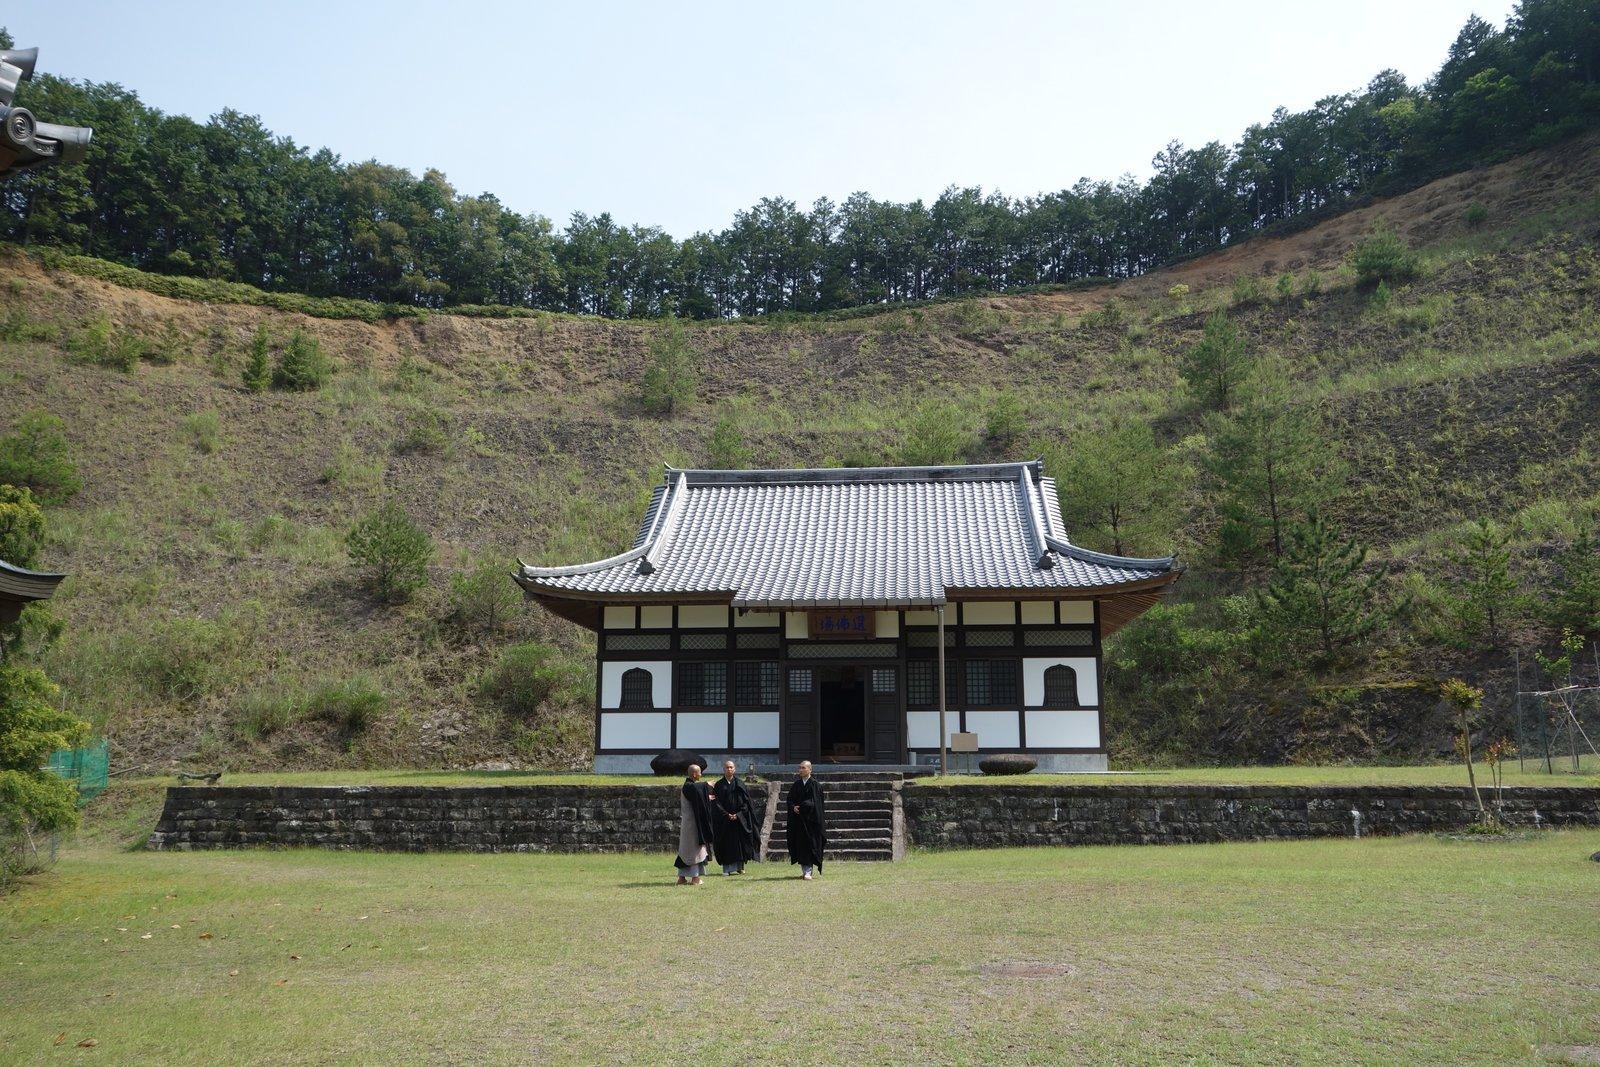 城満寺座禅堂